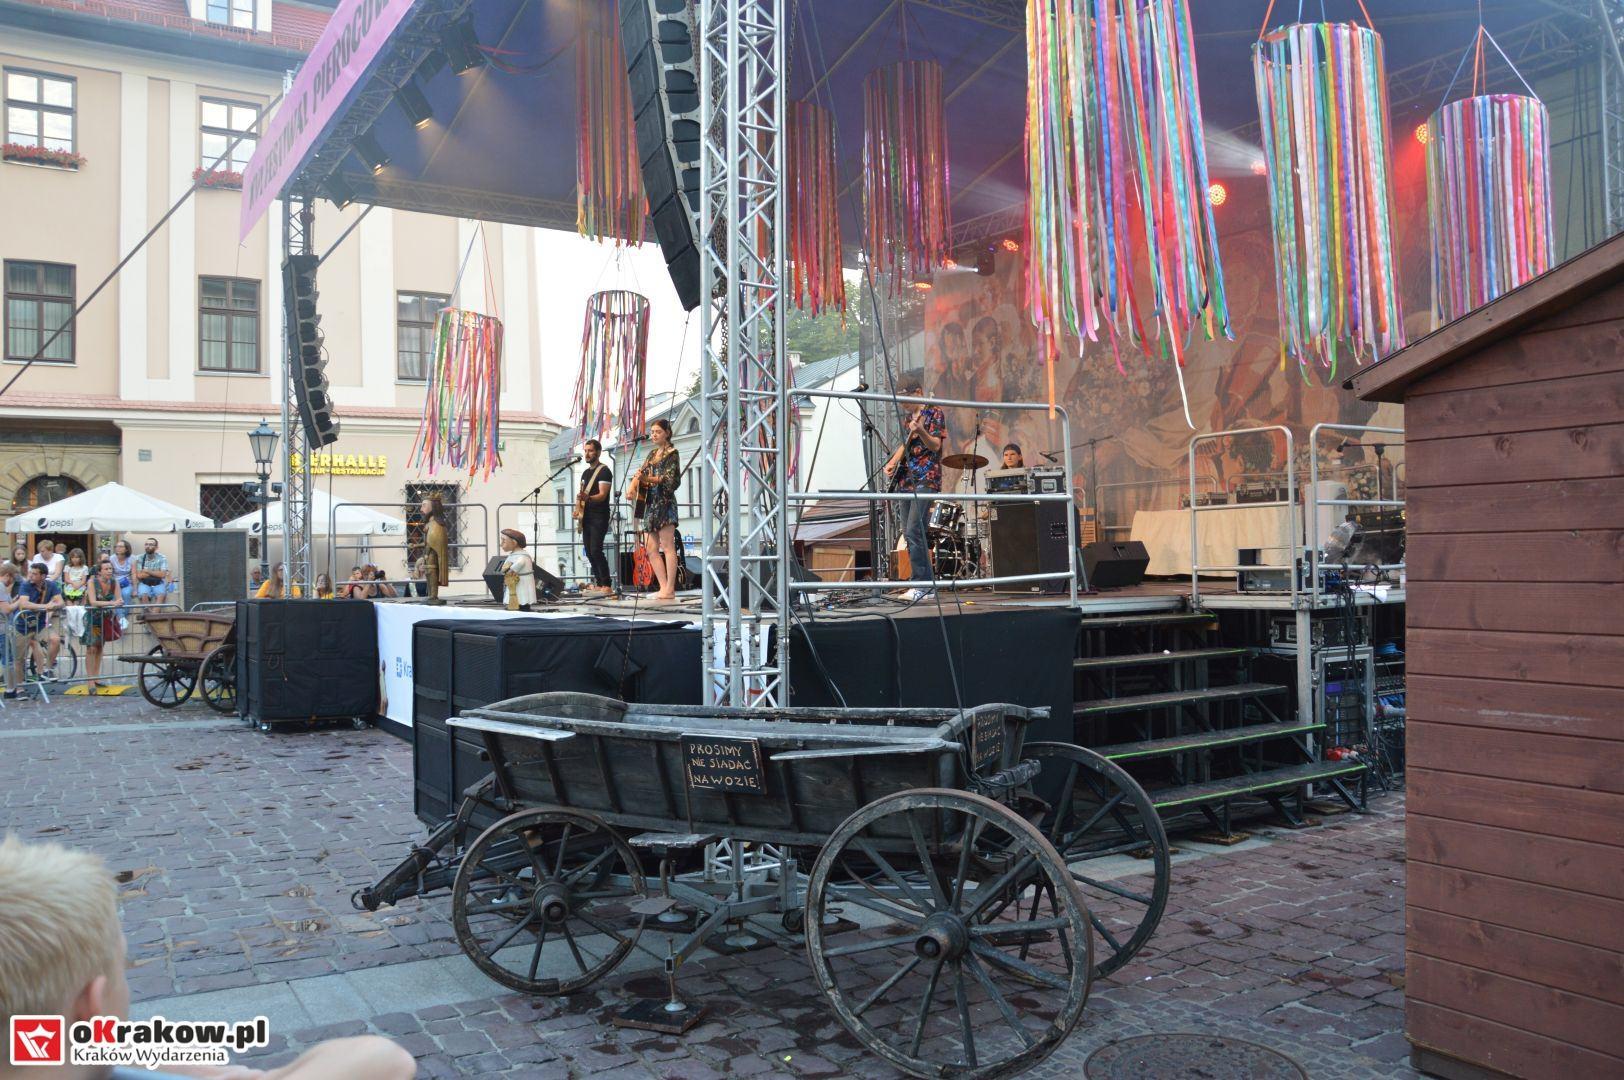 krakow festiwal pierogow maly rynek koncert cheap tobacco 151 150x150 - Galeria zdjęć Festiwal Pierogów Kraków 2018 + zdjęcia z koncertu Cheap Tobacco